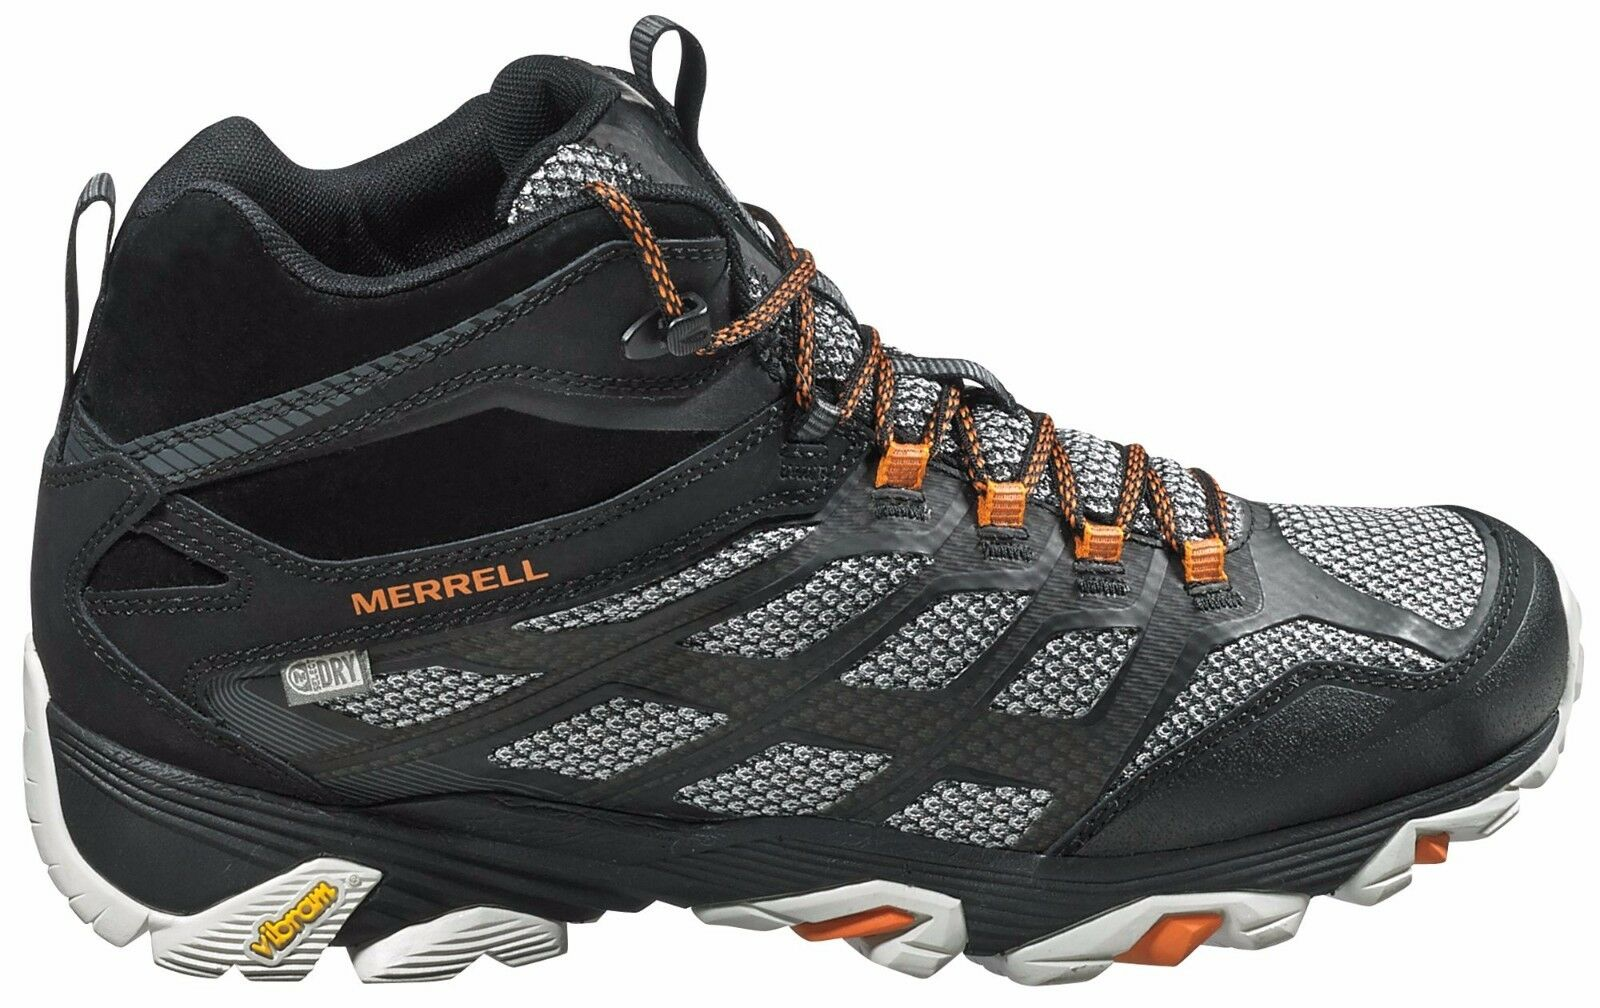 Merrell Men's Moab Fst Mid Waterproof Hiking Shoesz 7 M